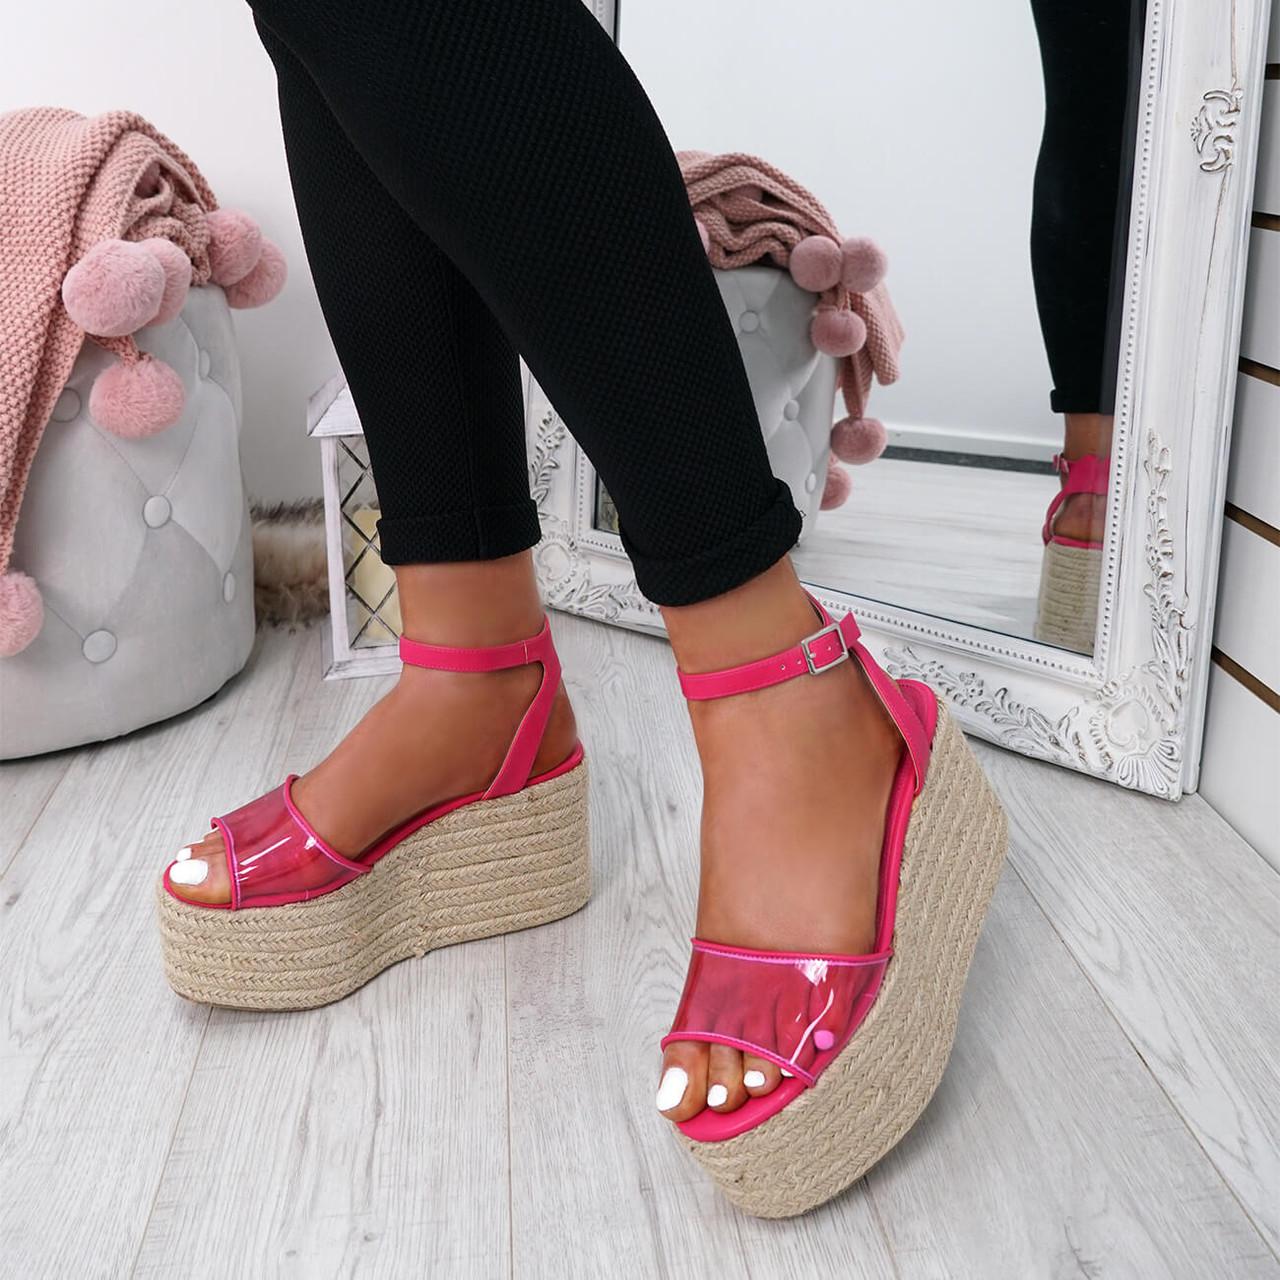 8afe8e4762d71 Womens Ladies Ankle Strap Platform Flatform Wedge High Heel Sandals Shoes